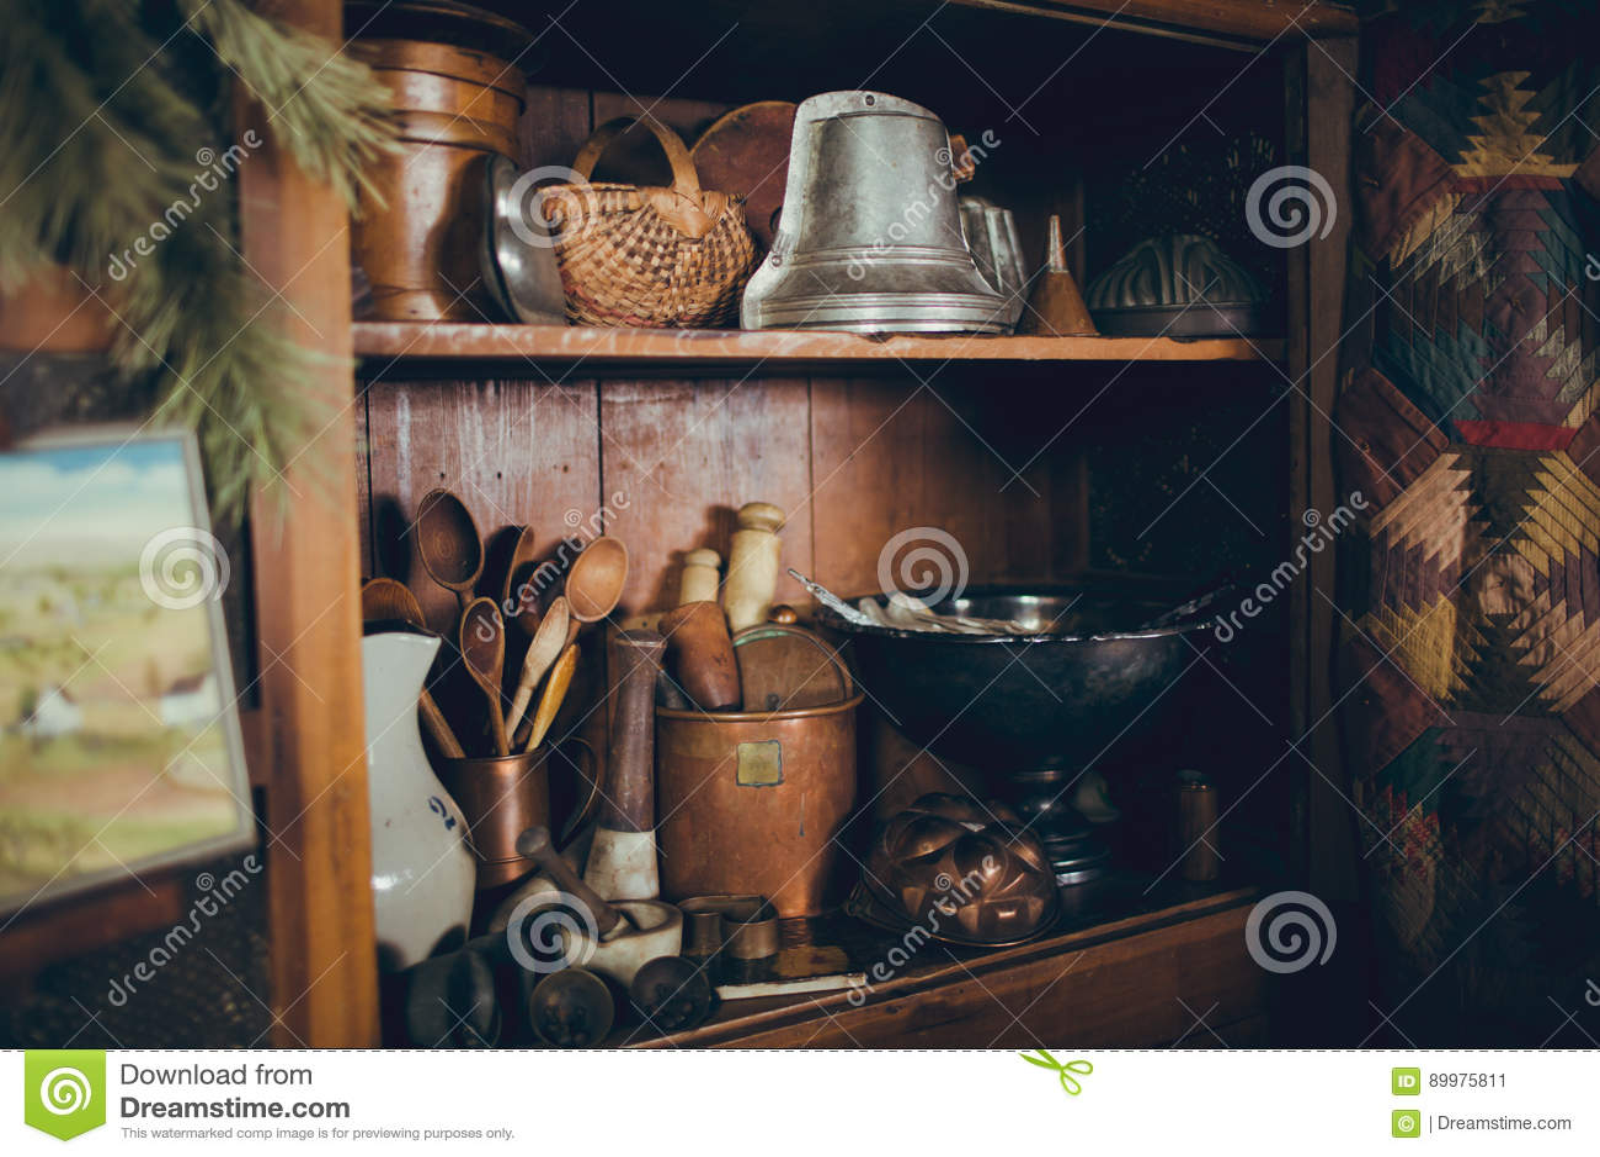 Ongekend Rustieke Antieke Keukenkast Met Keukengerei Stock Afbeelding OQ-96